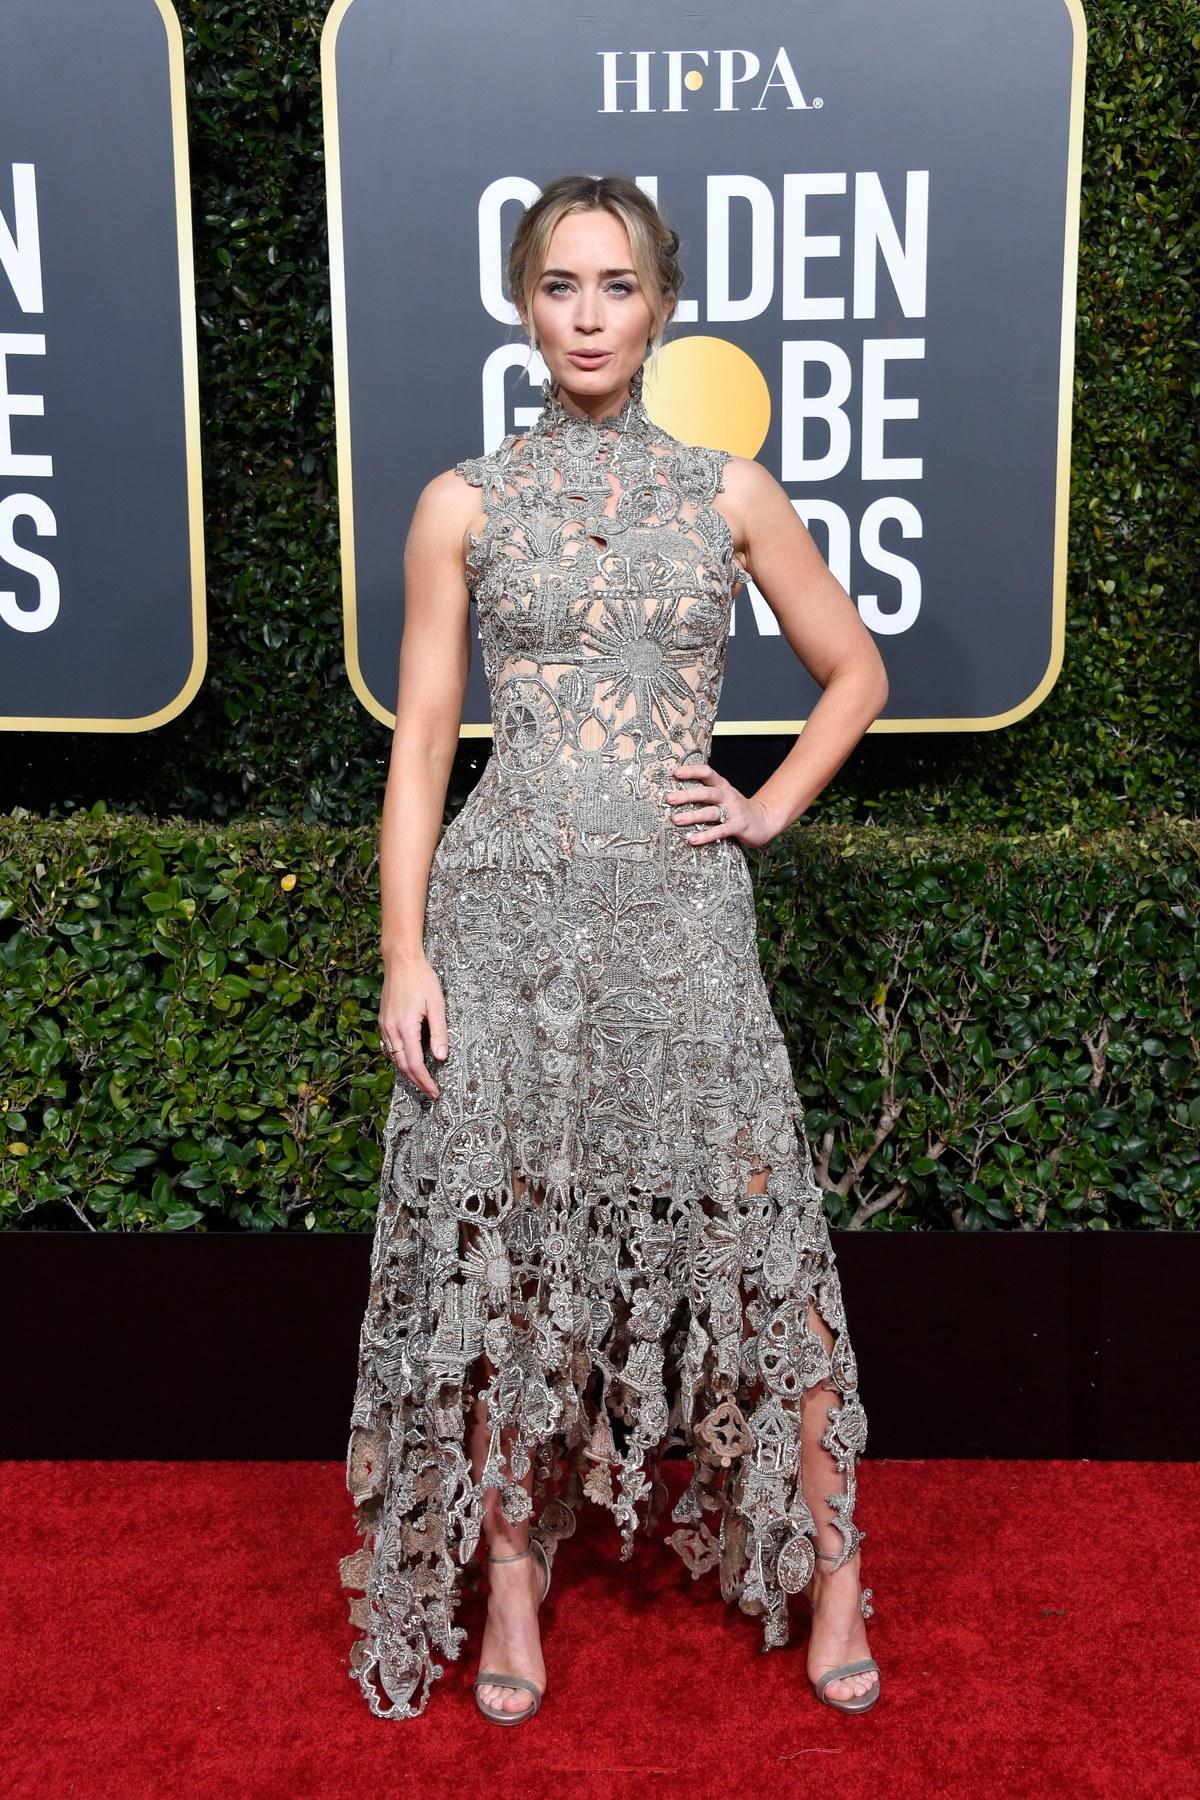 Emily Blunt wearing Alexander Mcqueen Golden Globes